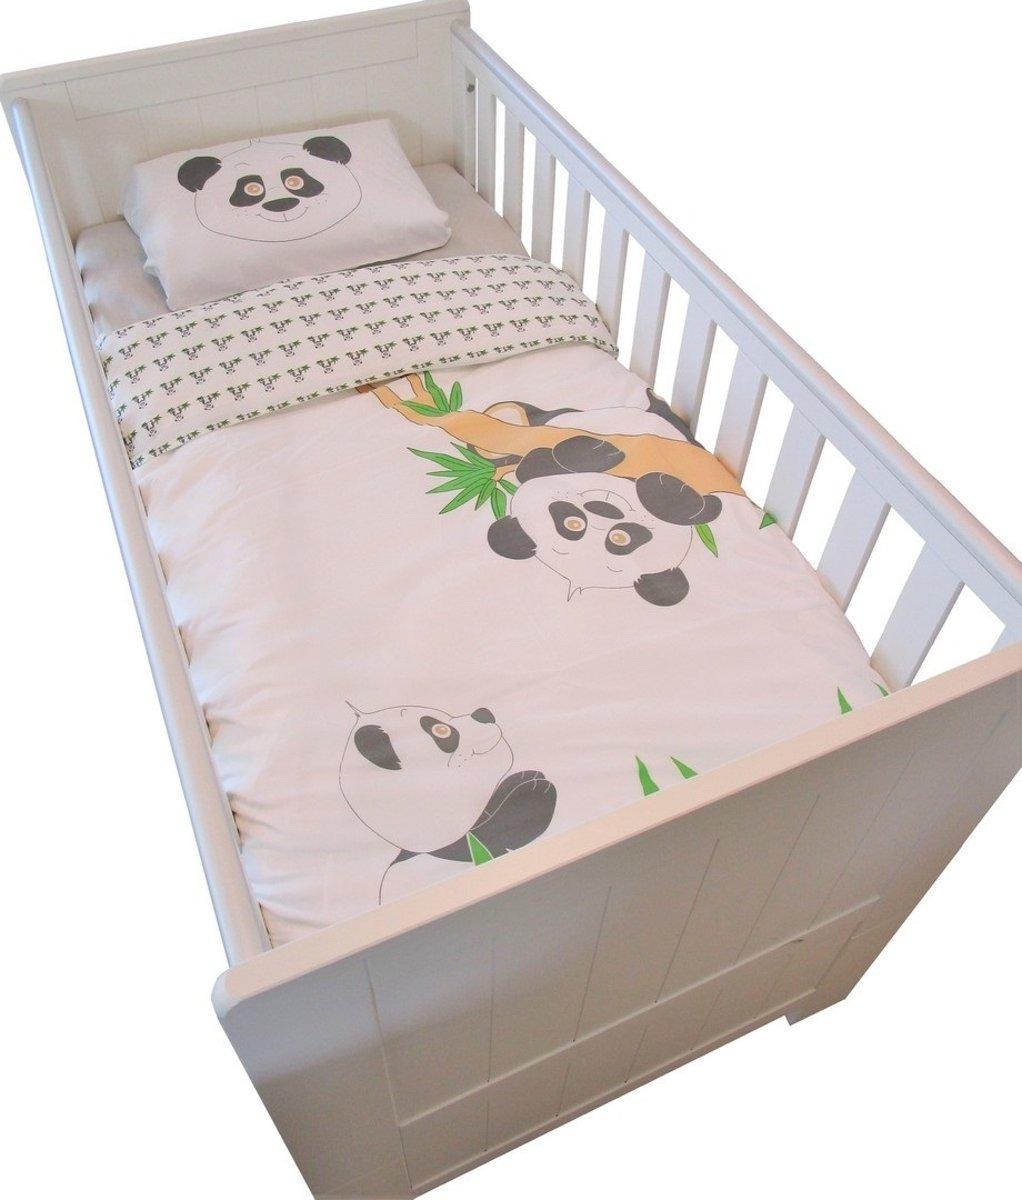 Panda Ledikant - dekbedovertrek - omkeerbaar 140 x 100 cm met kussensloop 50x70 cm voor bedje 70x140 cm